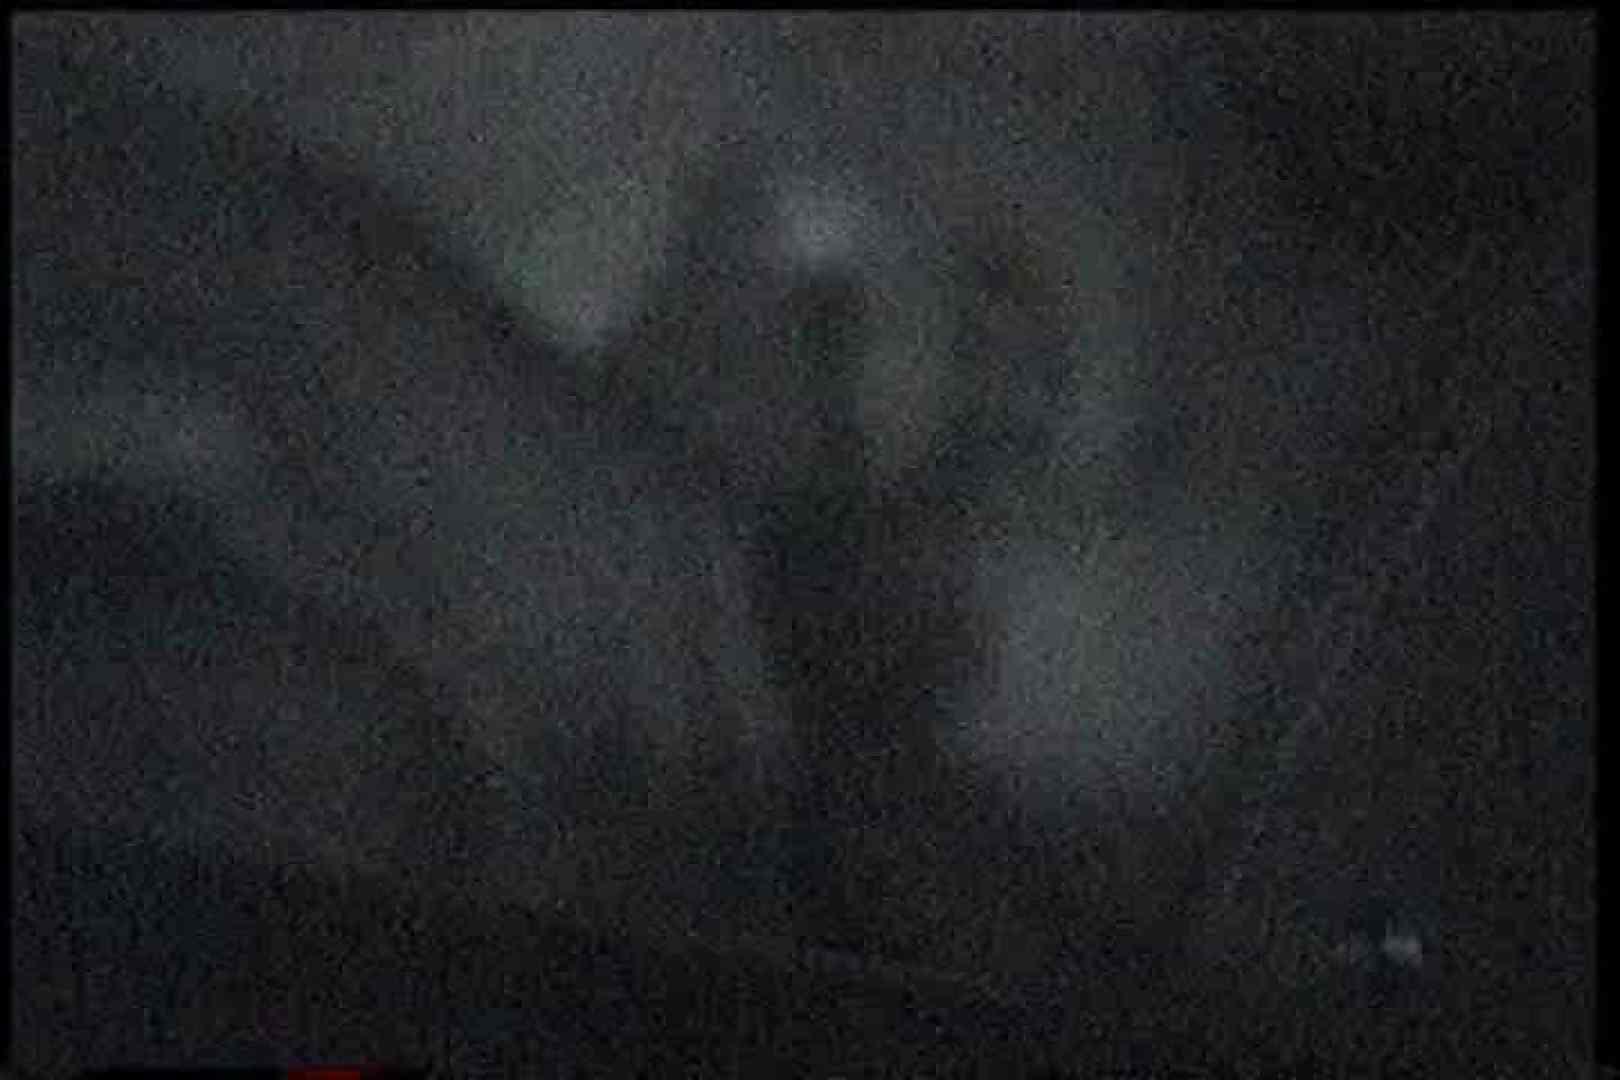 充血監督の深夜の運動会Vol.162 フェラ | OLすけべ画像  67連発 11